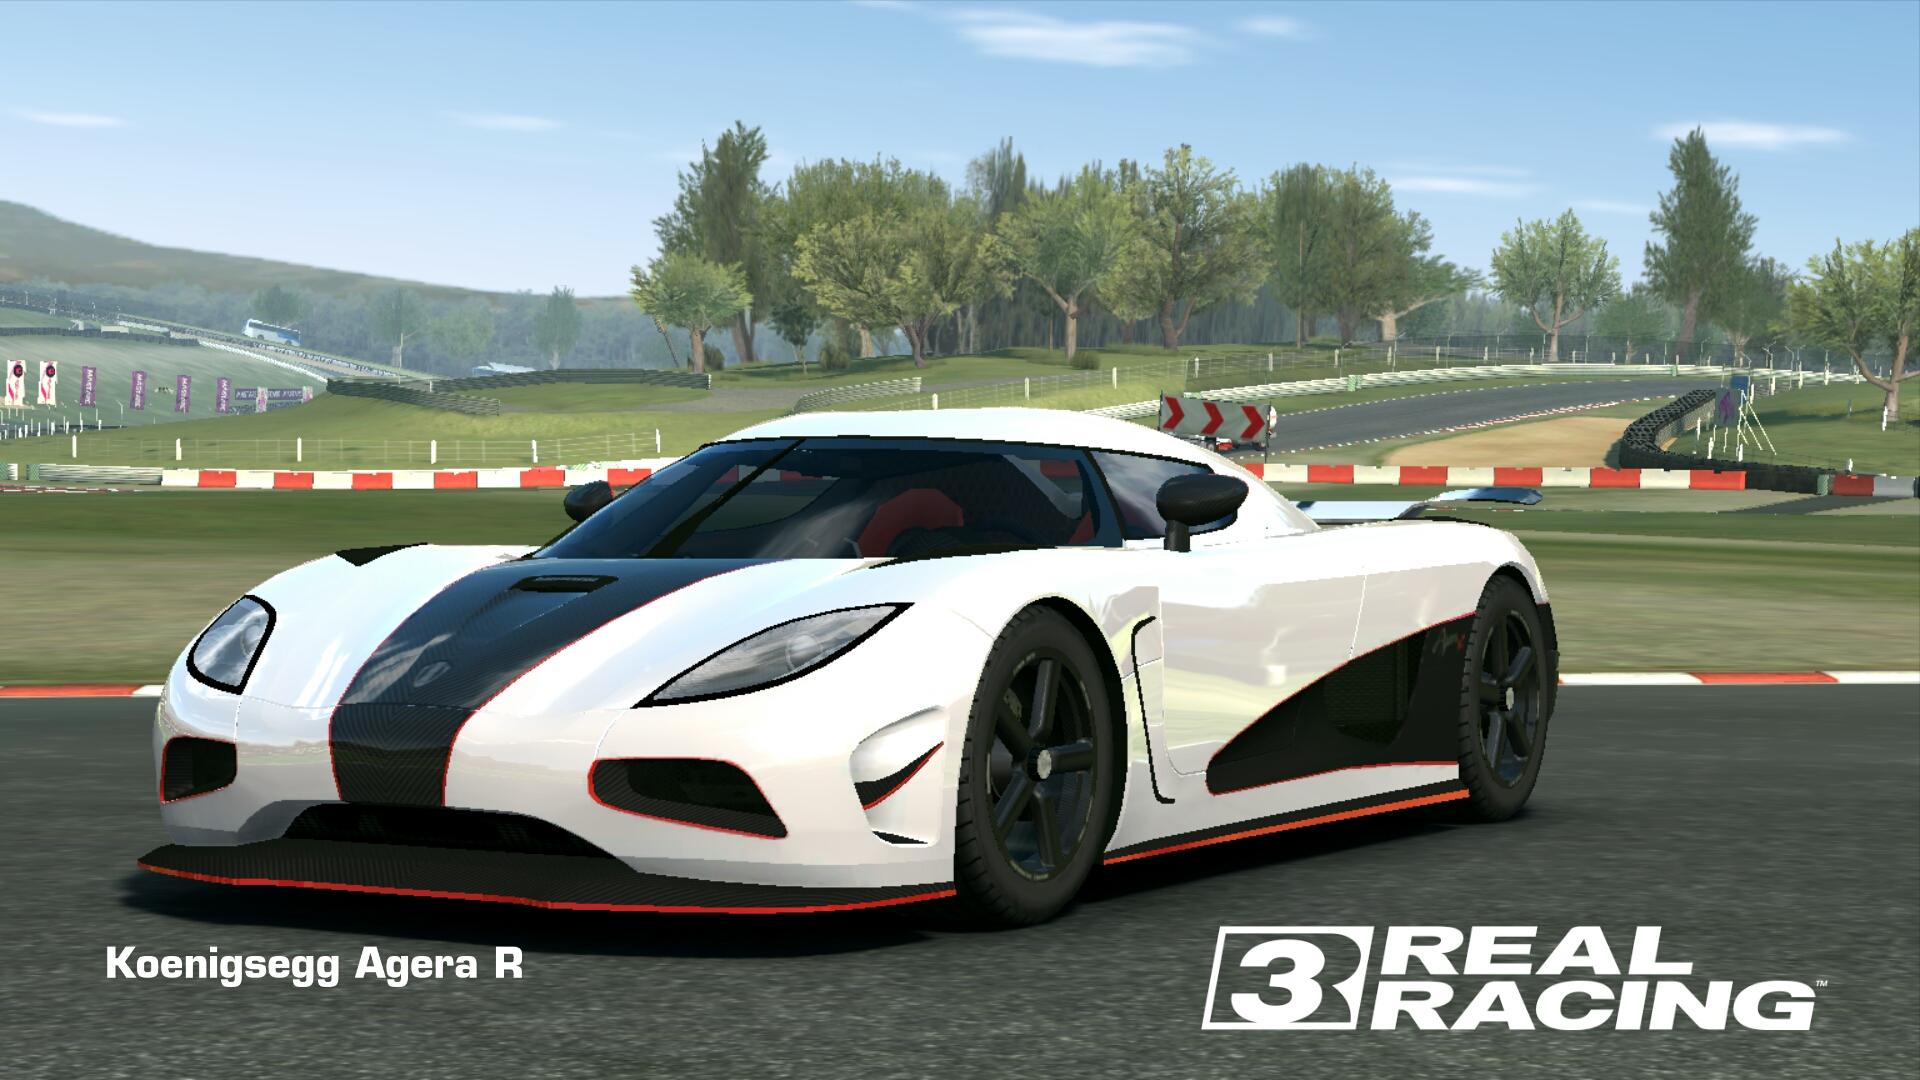 Showcase Koenigsegg Agera R